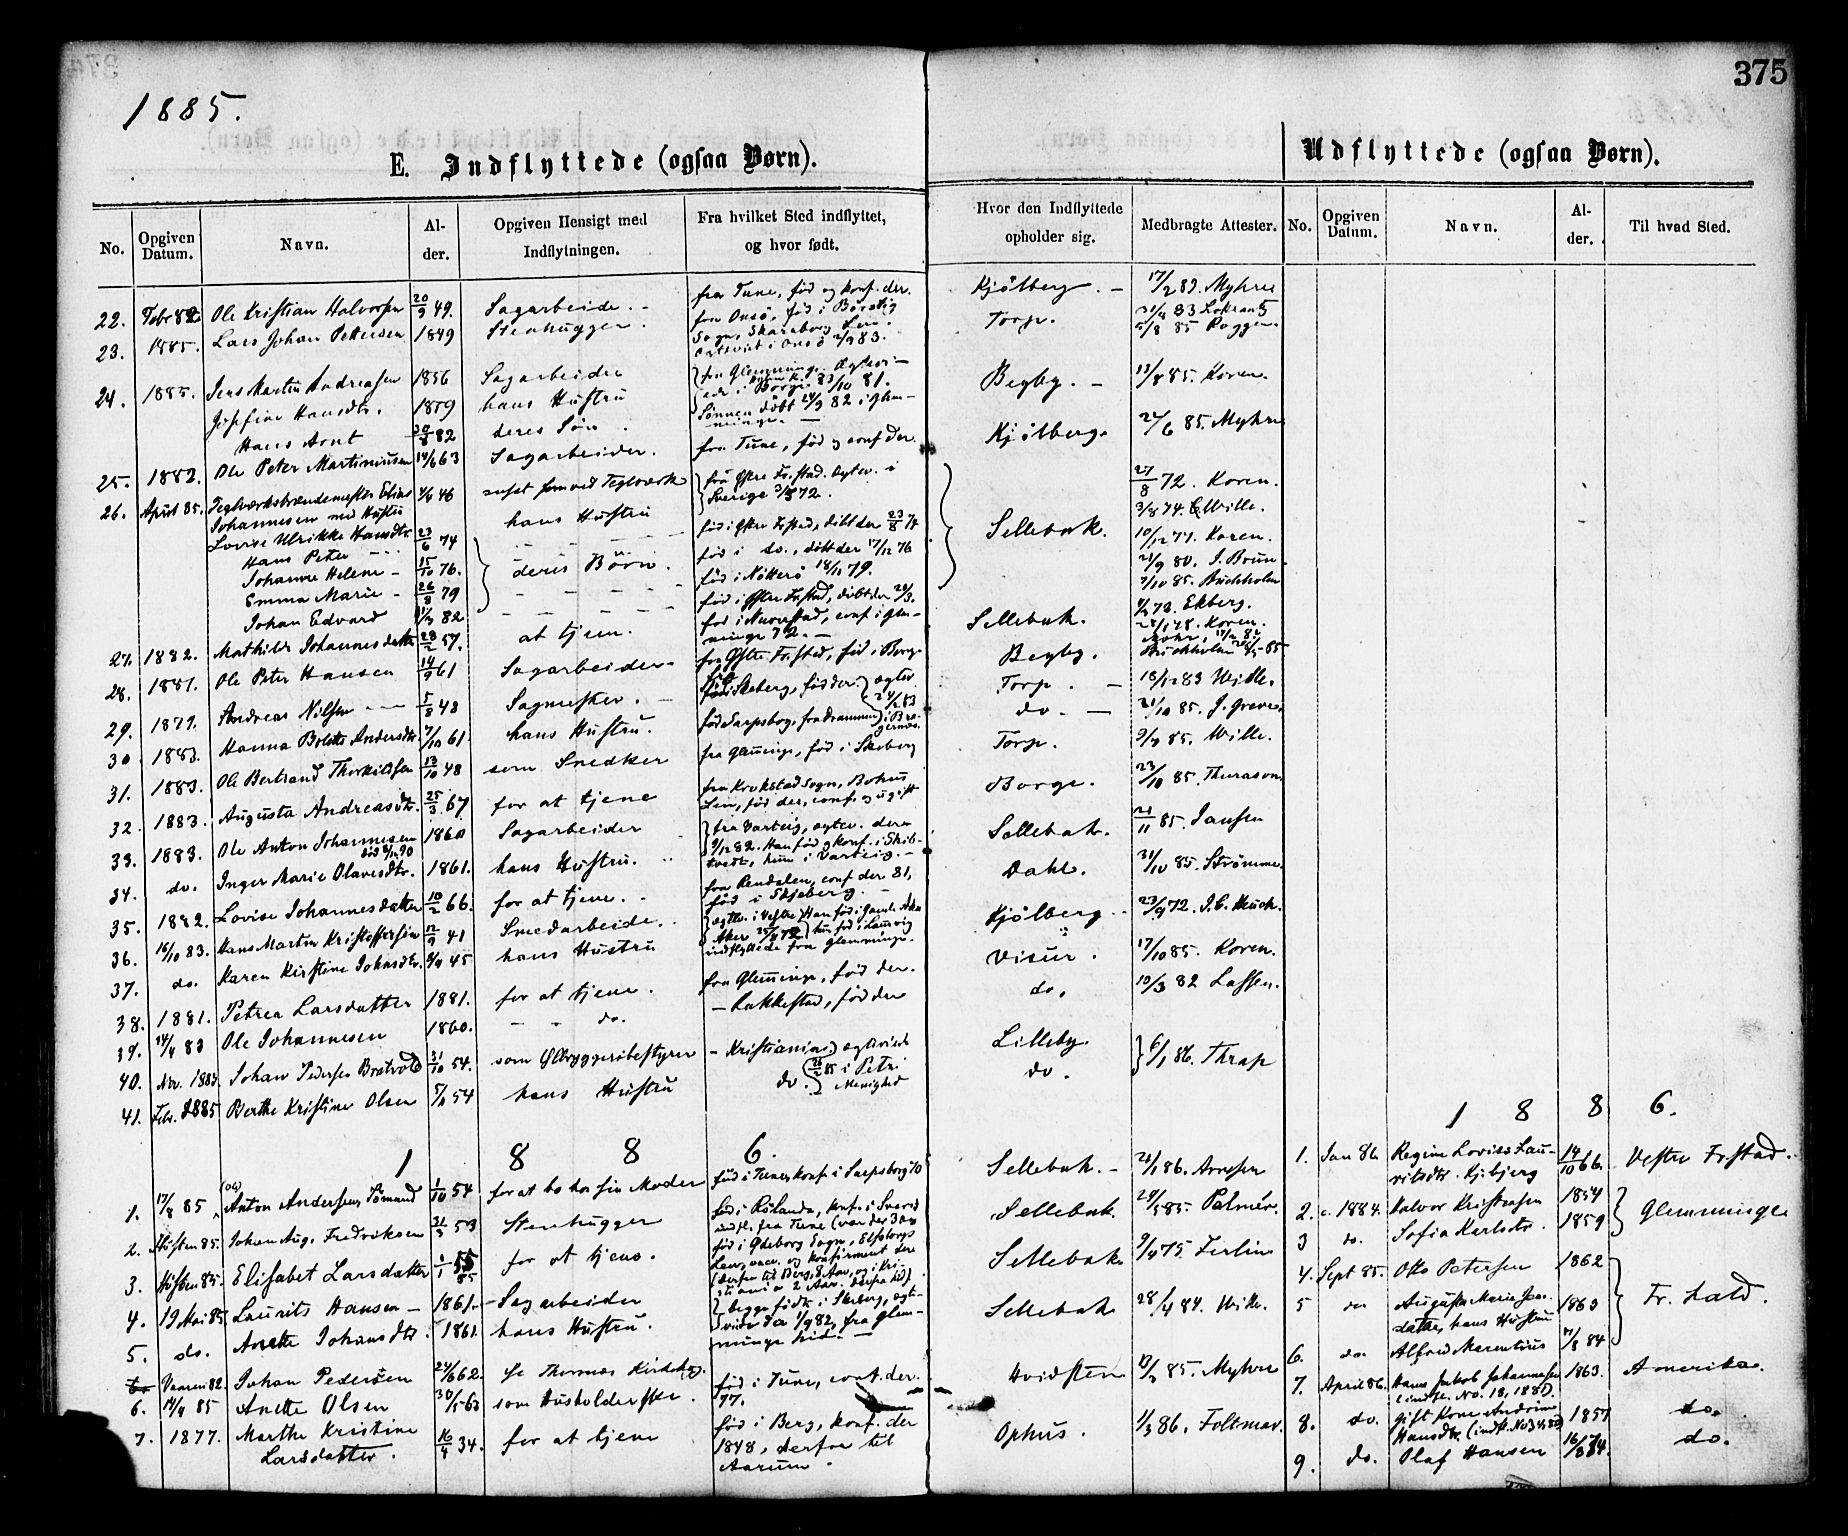 SAO, Borge prestekontor Kirkebøker, F/Fa/L0007: Ministerialbok nr. I 7, 1875-1886, s. 375